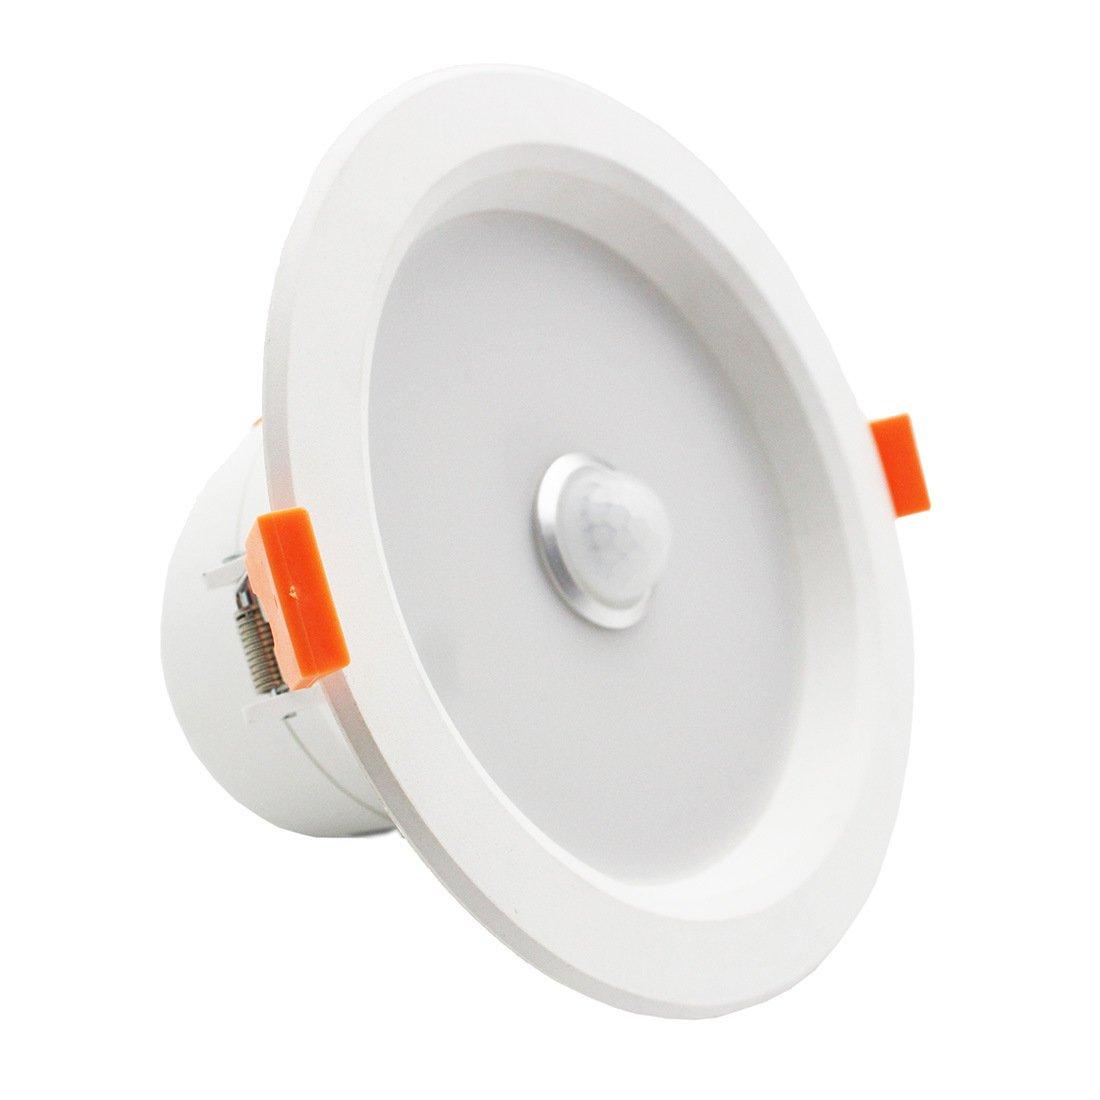 lediary 6 W Blanco Redondo LED Downlight del Sensor de Infrarrojos Cuerpo Humano Inducción empotrable Techo luz Fría luz: Amazon.es: Bricolaje y ...